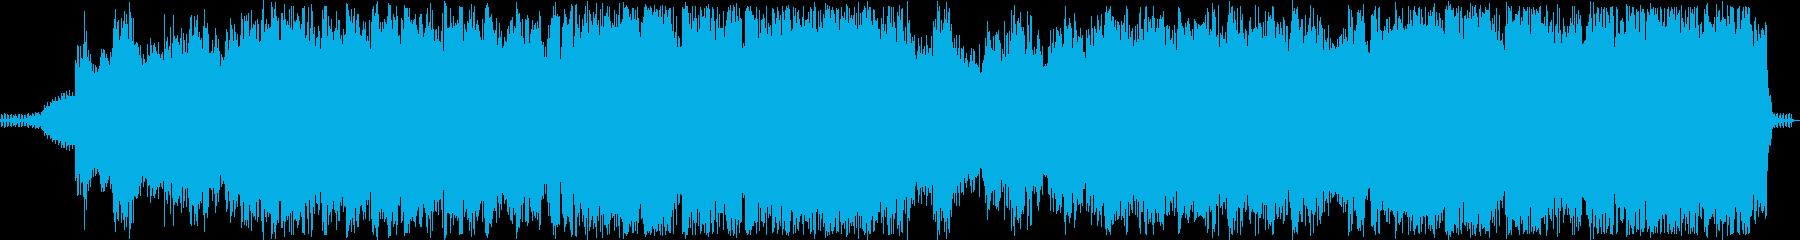 しっとり感のあるシンセギターサウンドの再生済みの波形